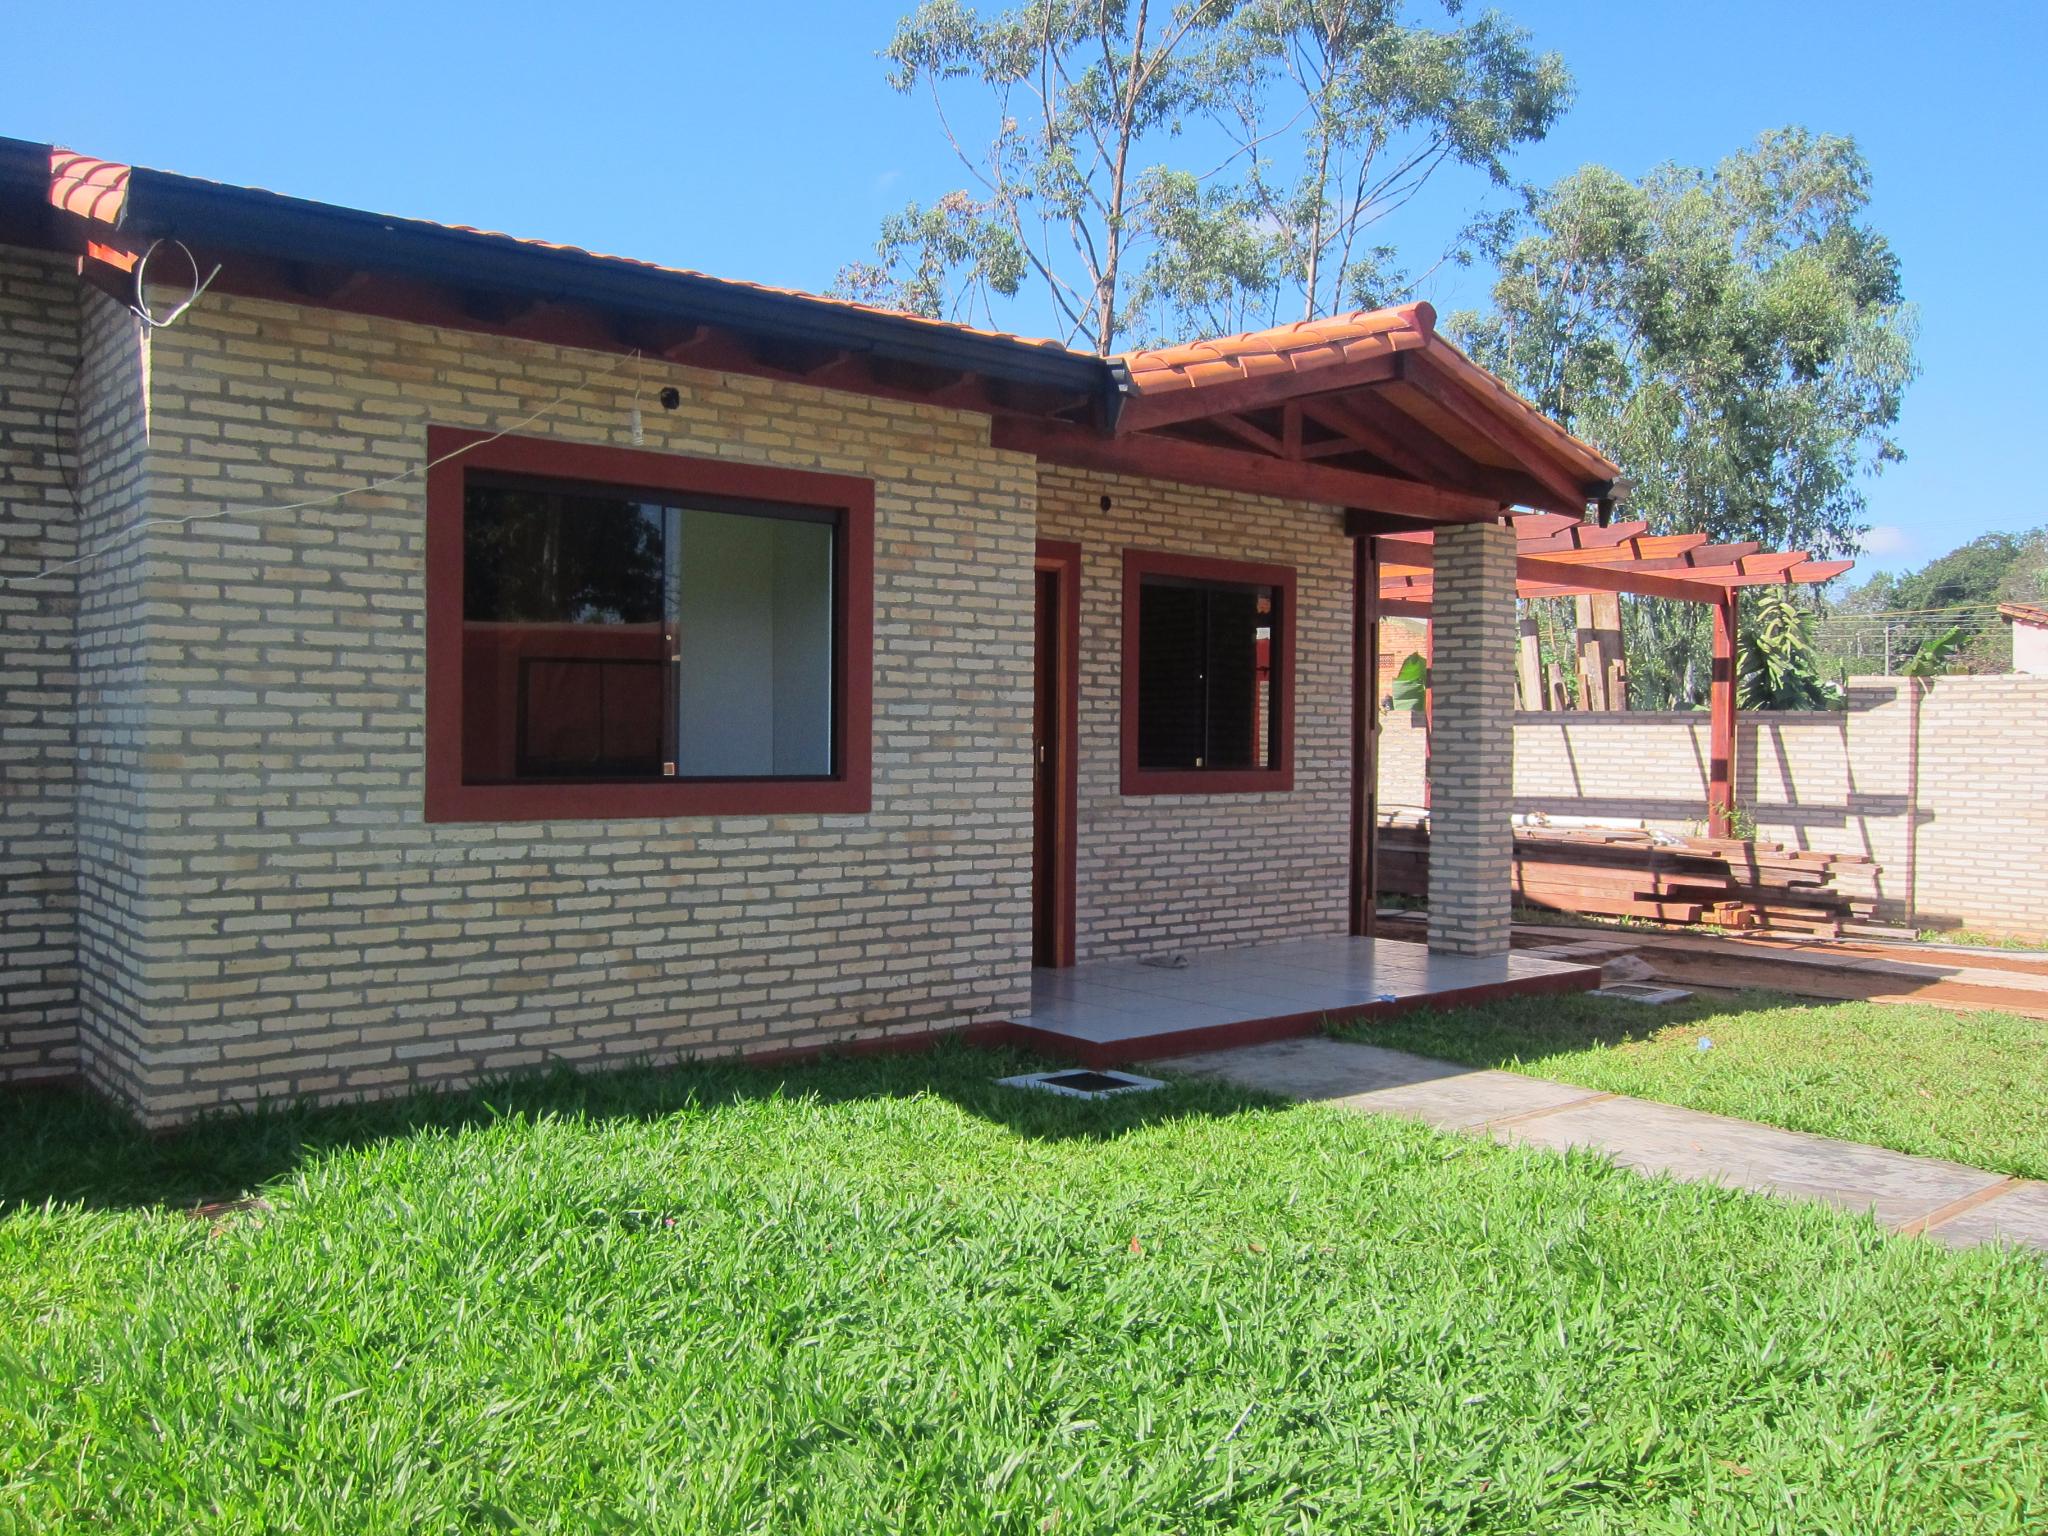 Vendo Casa A Estrenar De Tres Dormitorios Zona Rakiura Luque